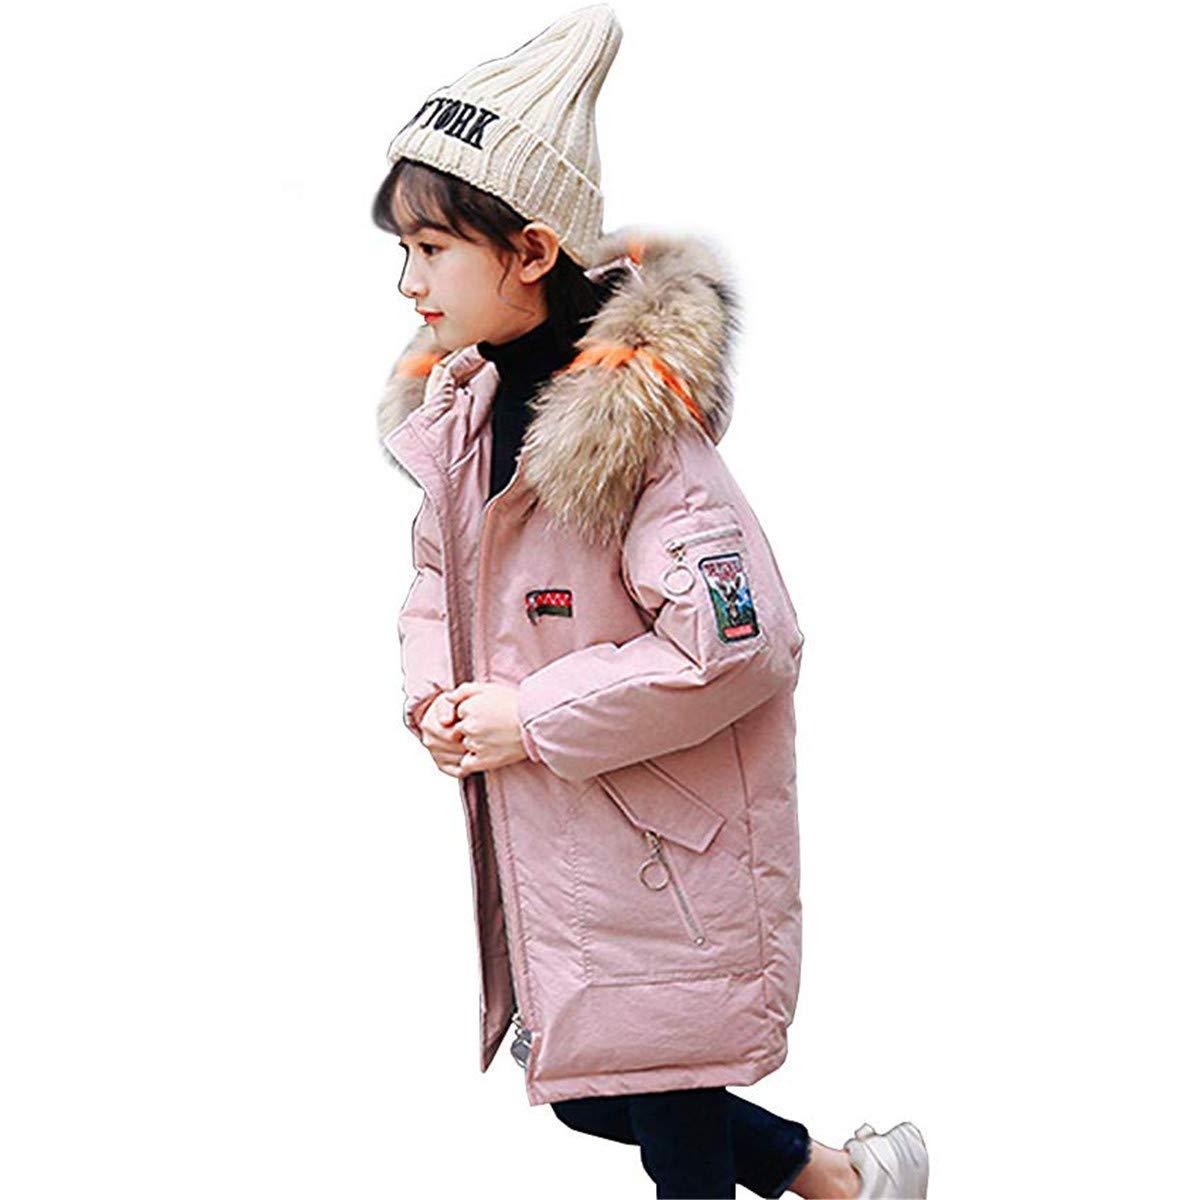 rose 160cm GXYCP Manteau d'hiver à Capuche en Fourrure Légère pour Enfant en Fourrure Duvet d'hiver,rose,140Cm